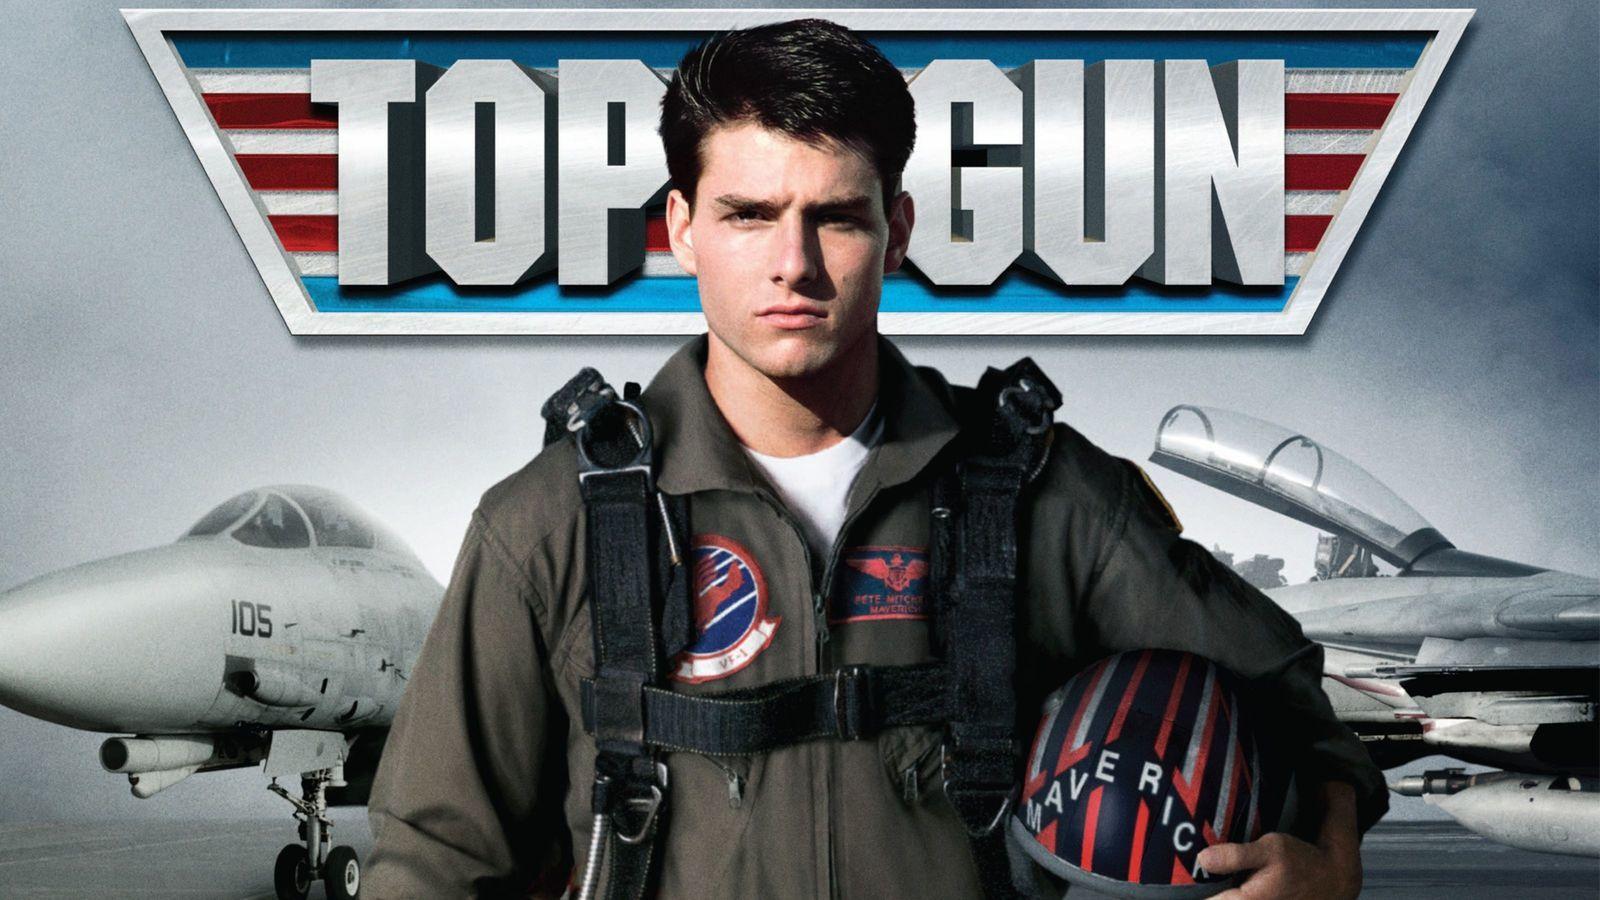 Le retour de Top Gun 2 au cinéma se précise